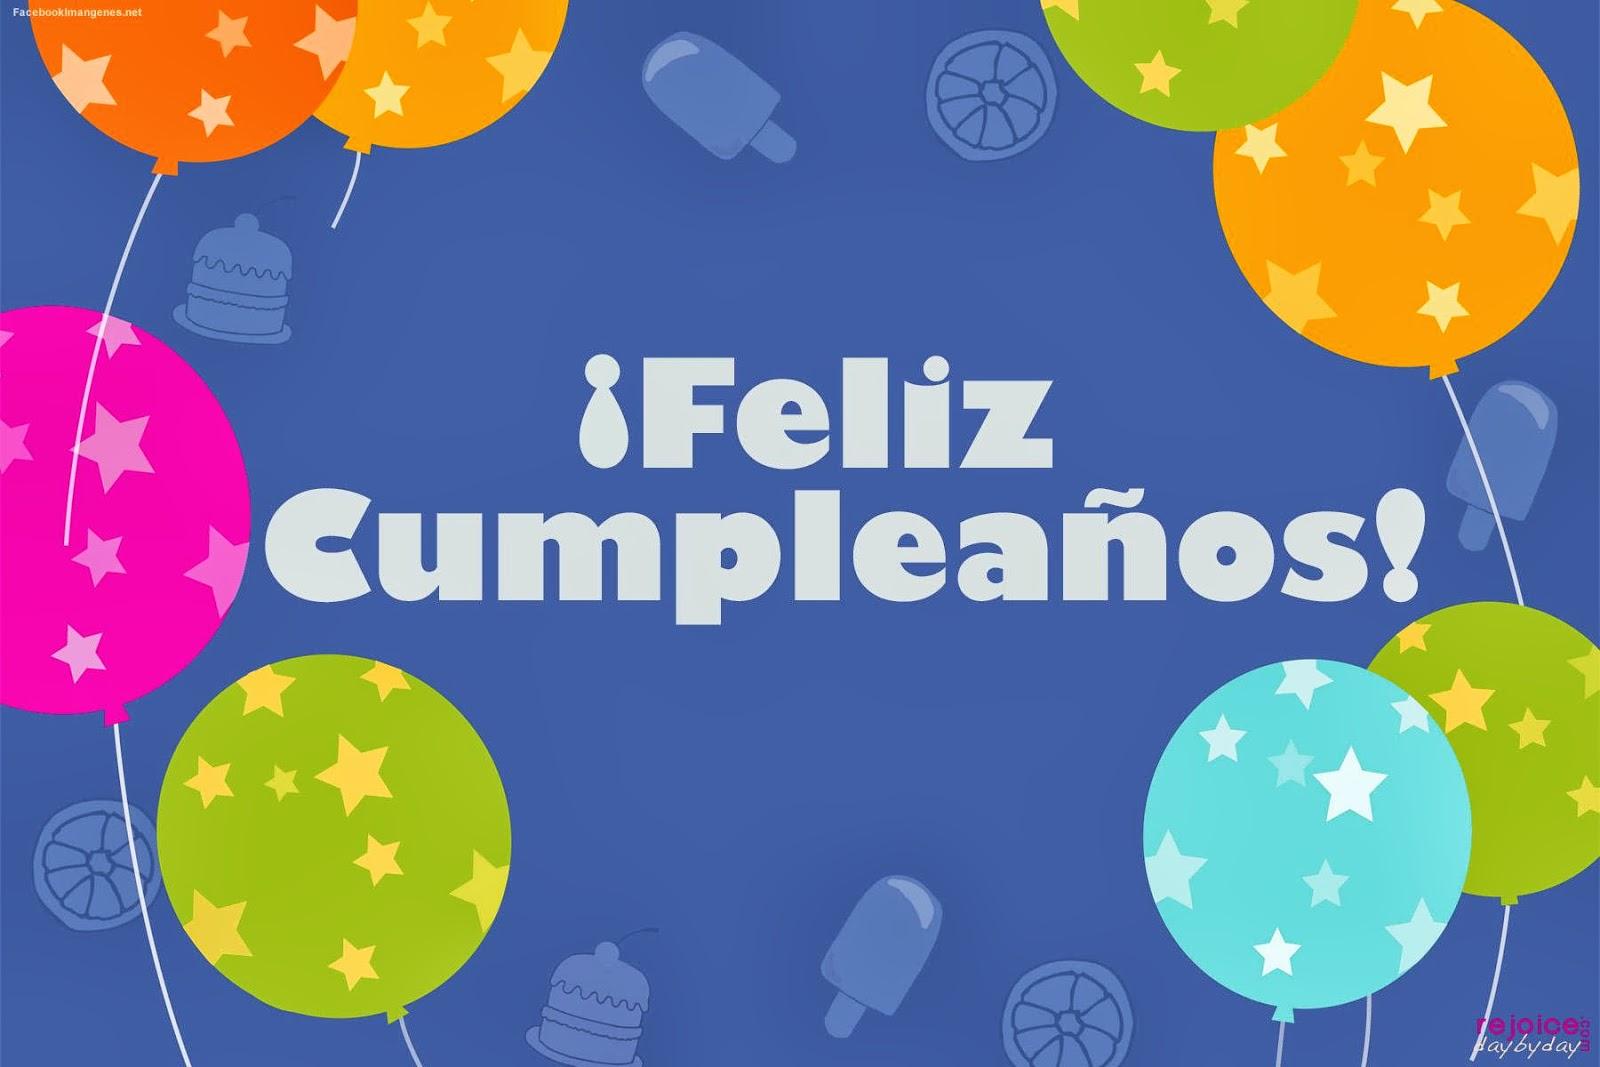 Banco de Imagenes y fotos gratis: Feliz Cumpleaños en Letras, parte 1